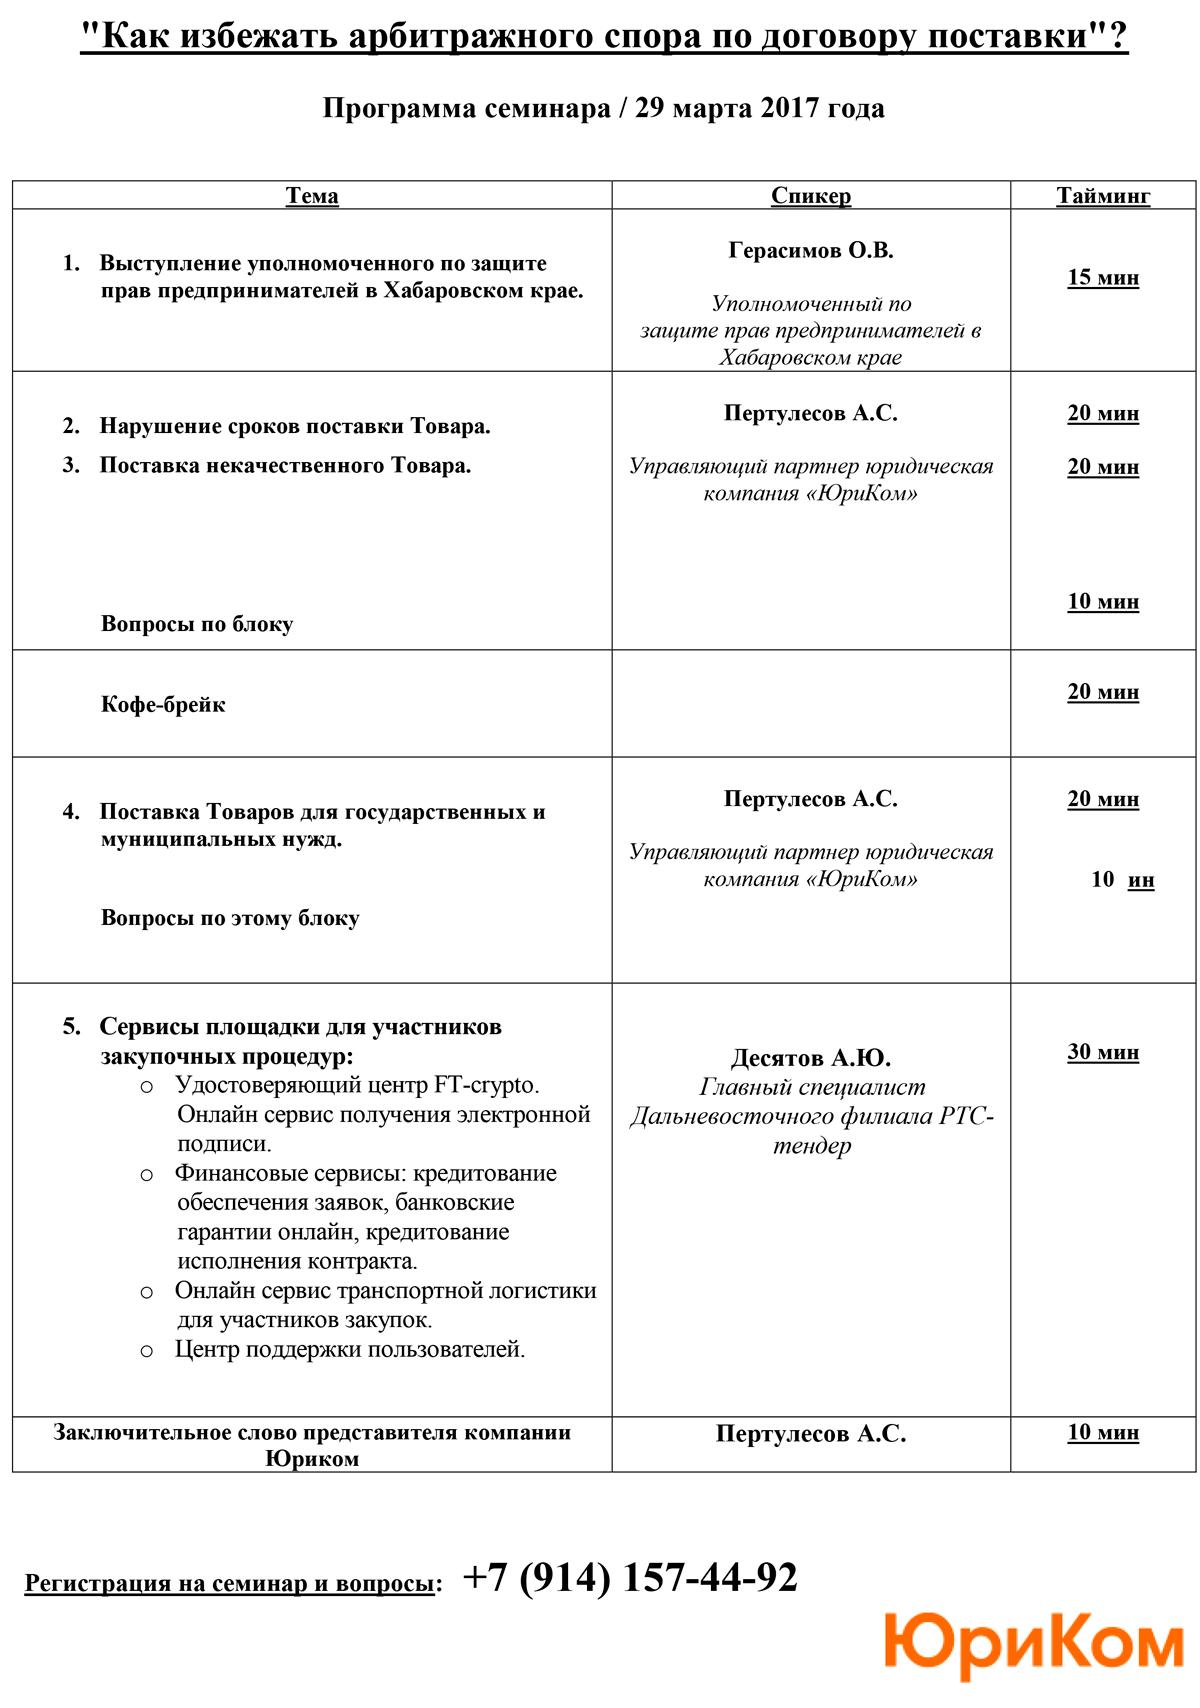 Программа-семинара